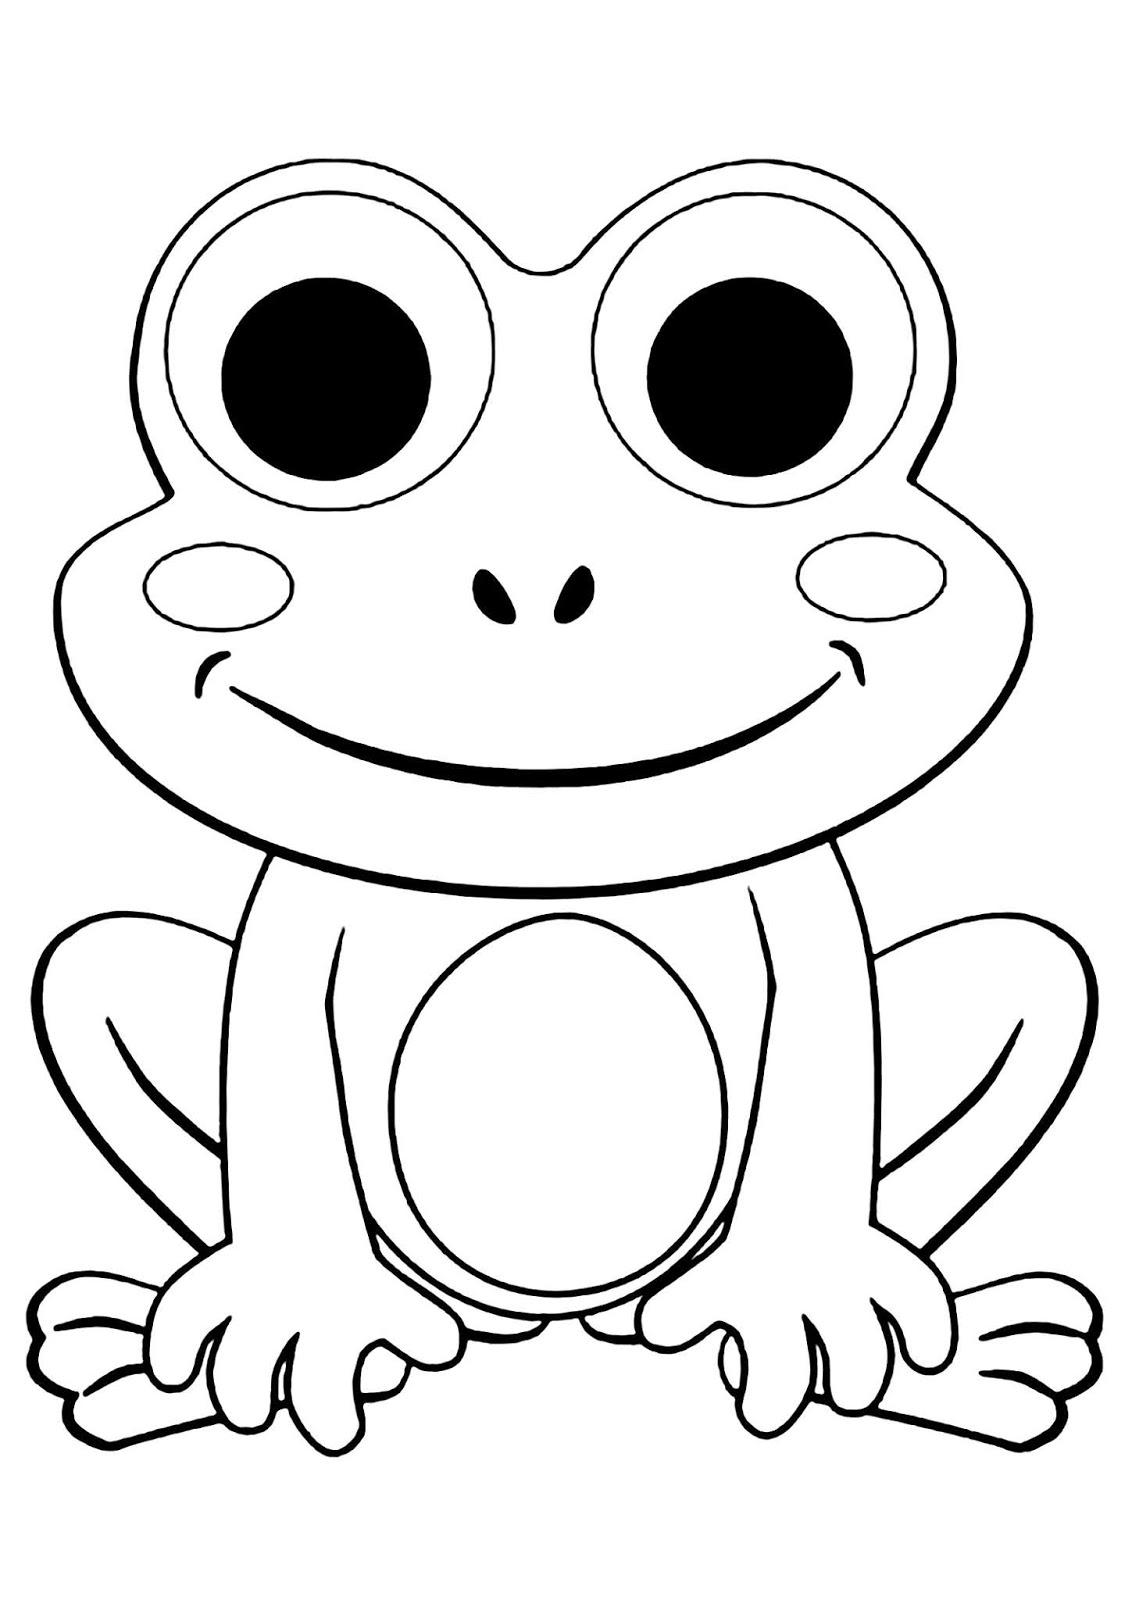 Tranh tô màu chú ếch vẽ đơn giản